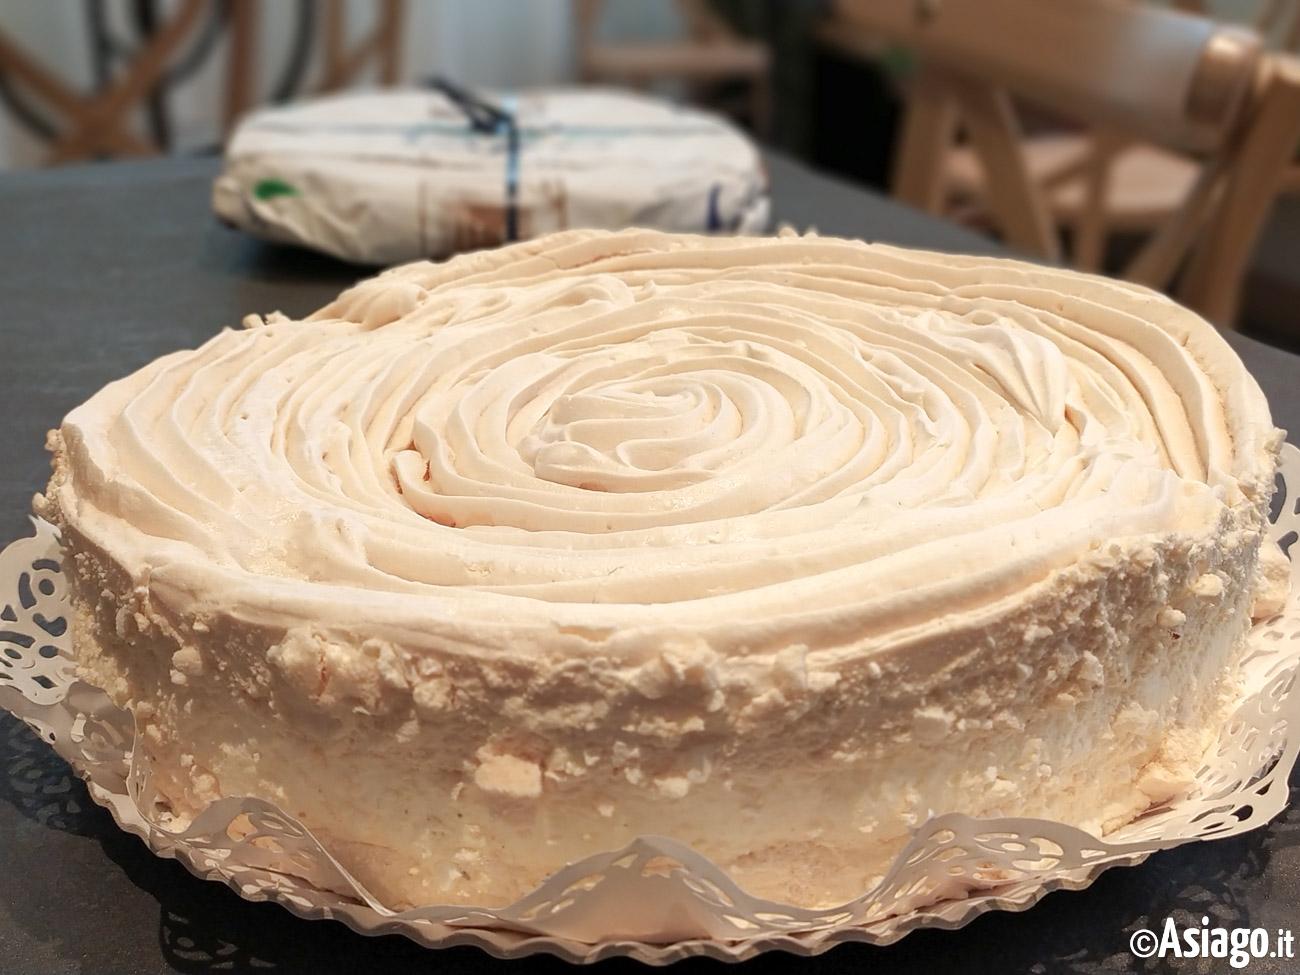 Ricetta Torta Ortigara.Torta Ortigara Pasticceria Carli Altopiano Di Asiago 7 Comuni